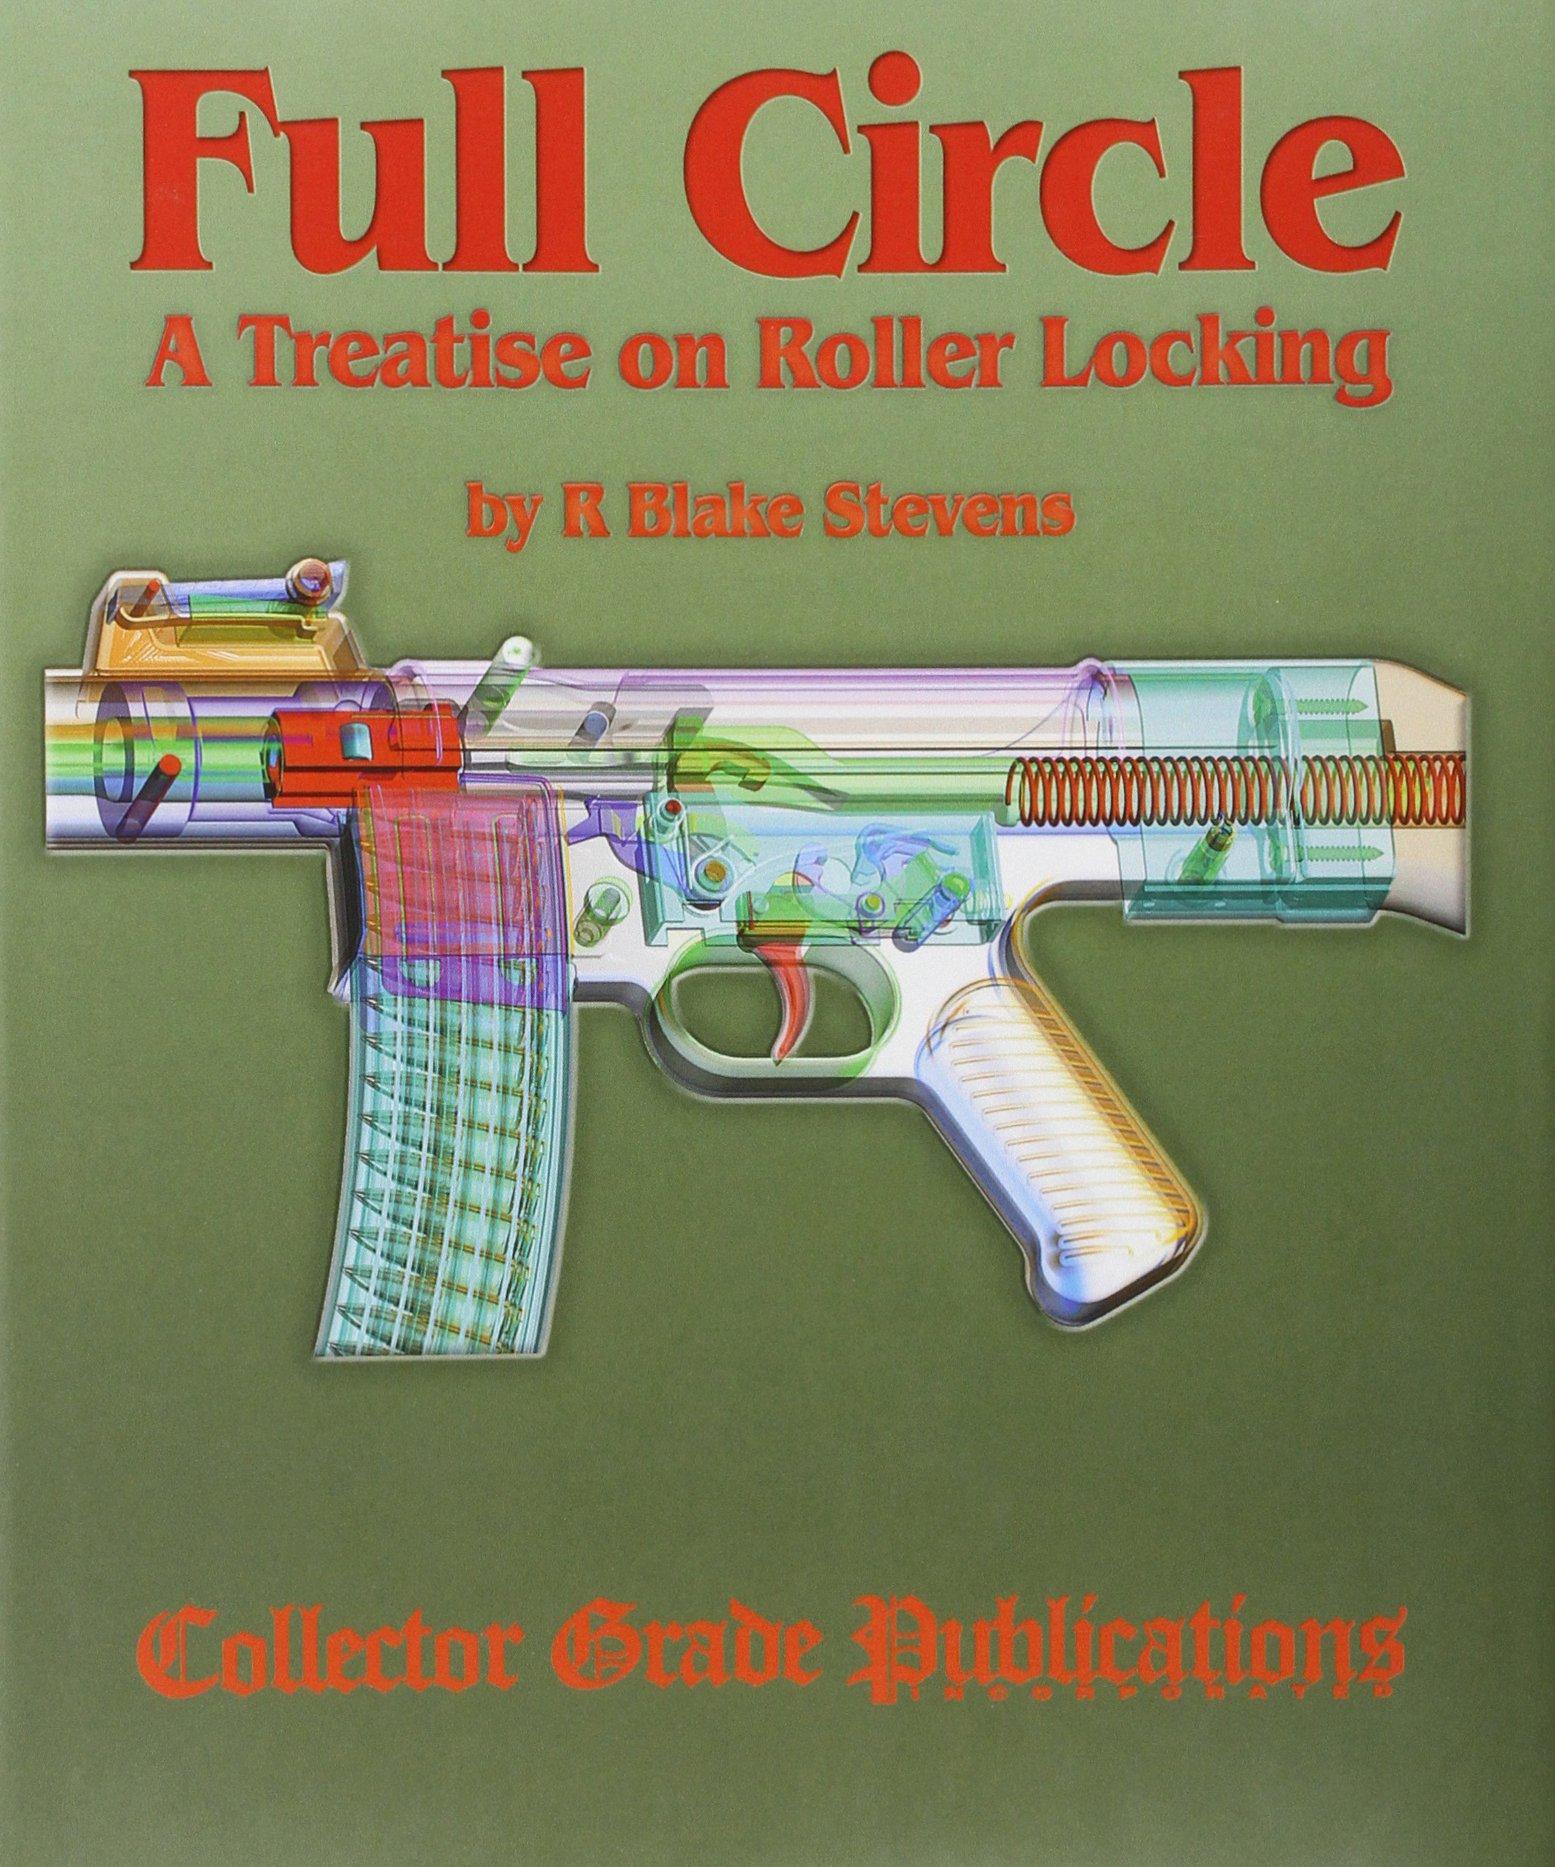 Download Full Circle - A Treatise on Roller Locking pdf